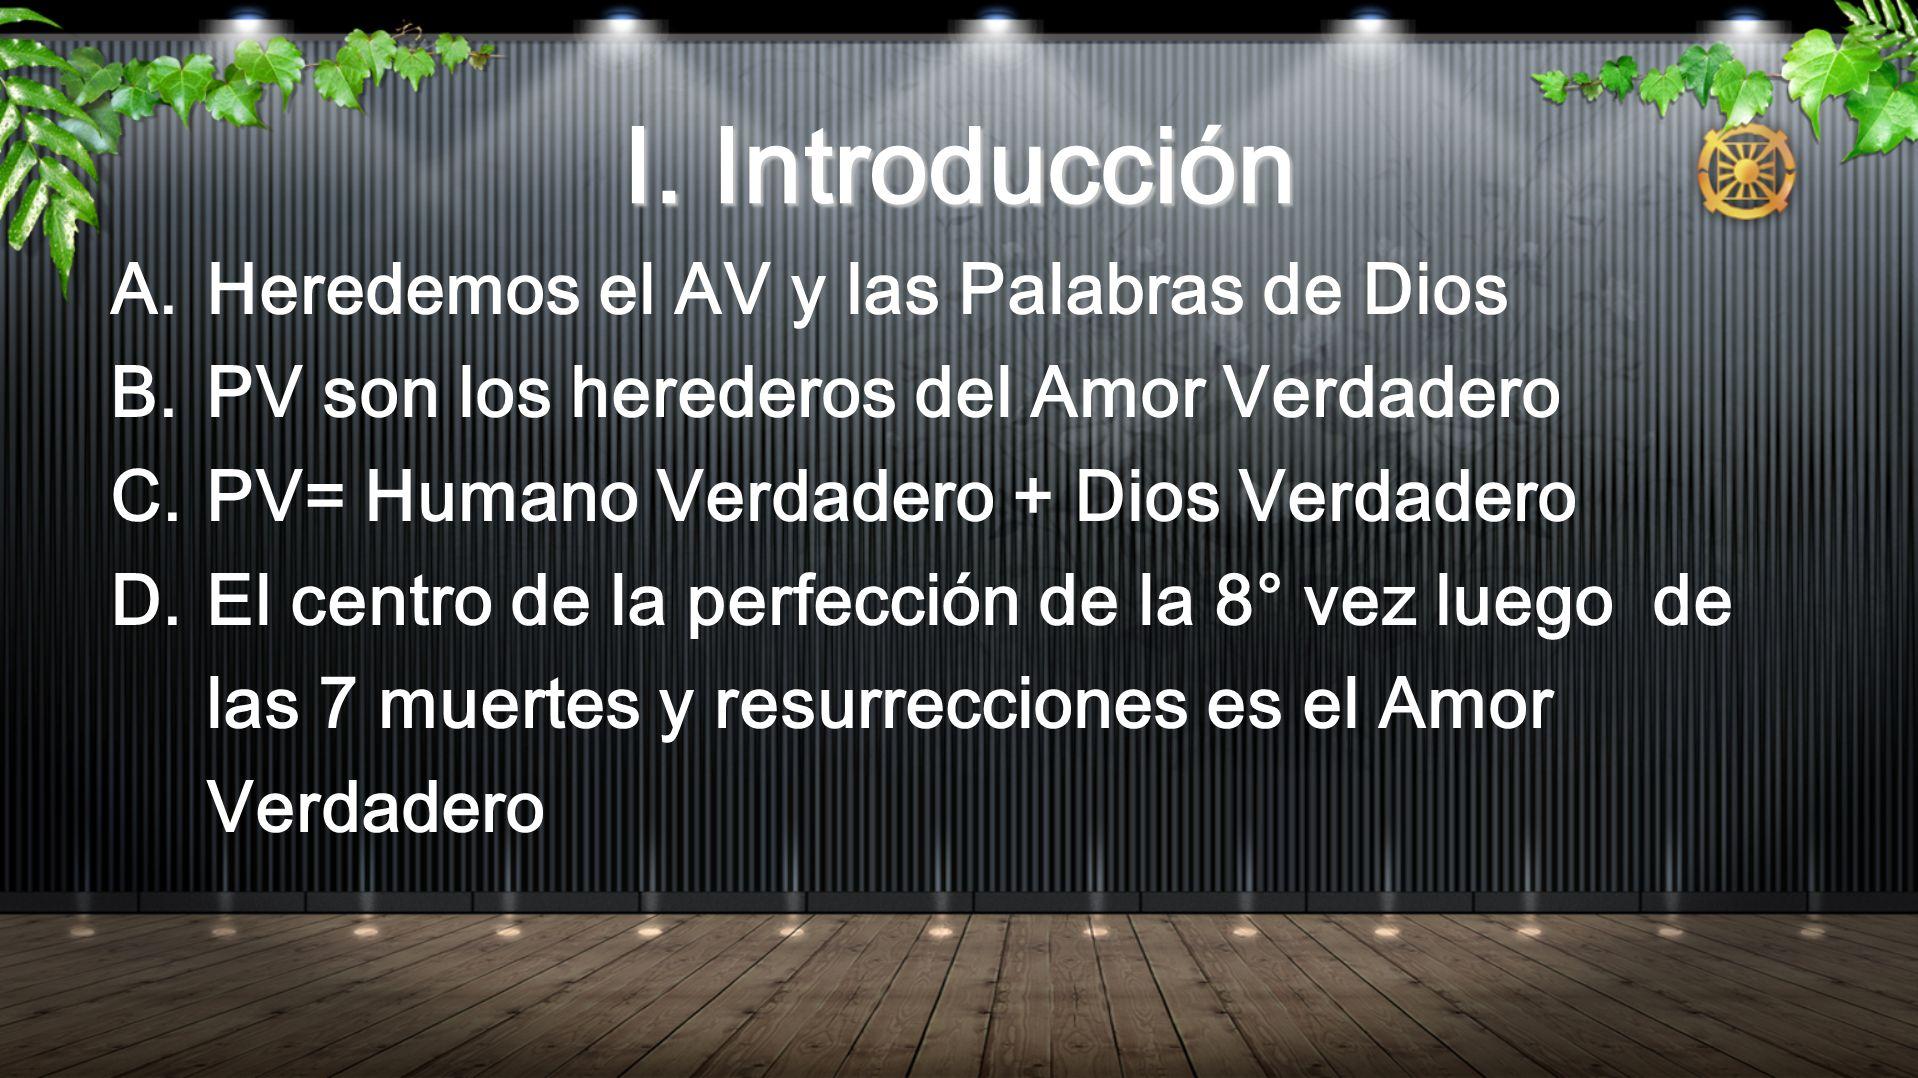 I. Introducción Heredemos el AV y las Palabras de Dios